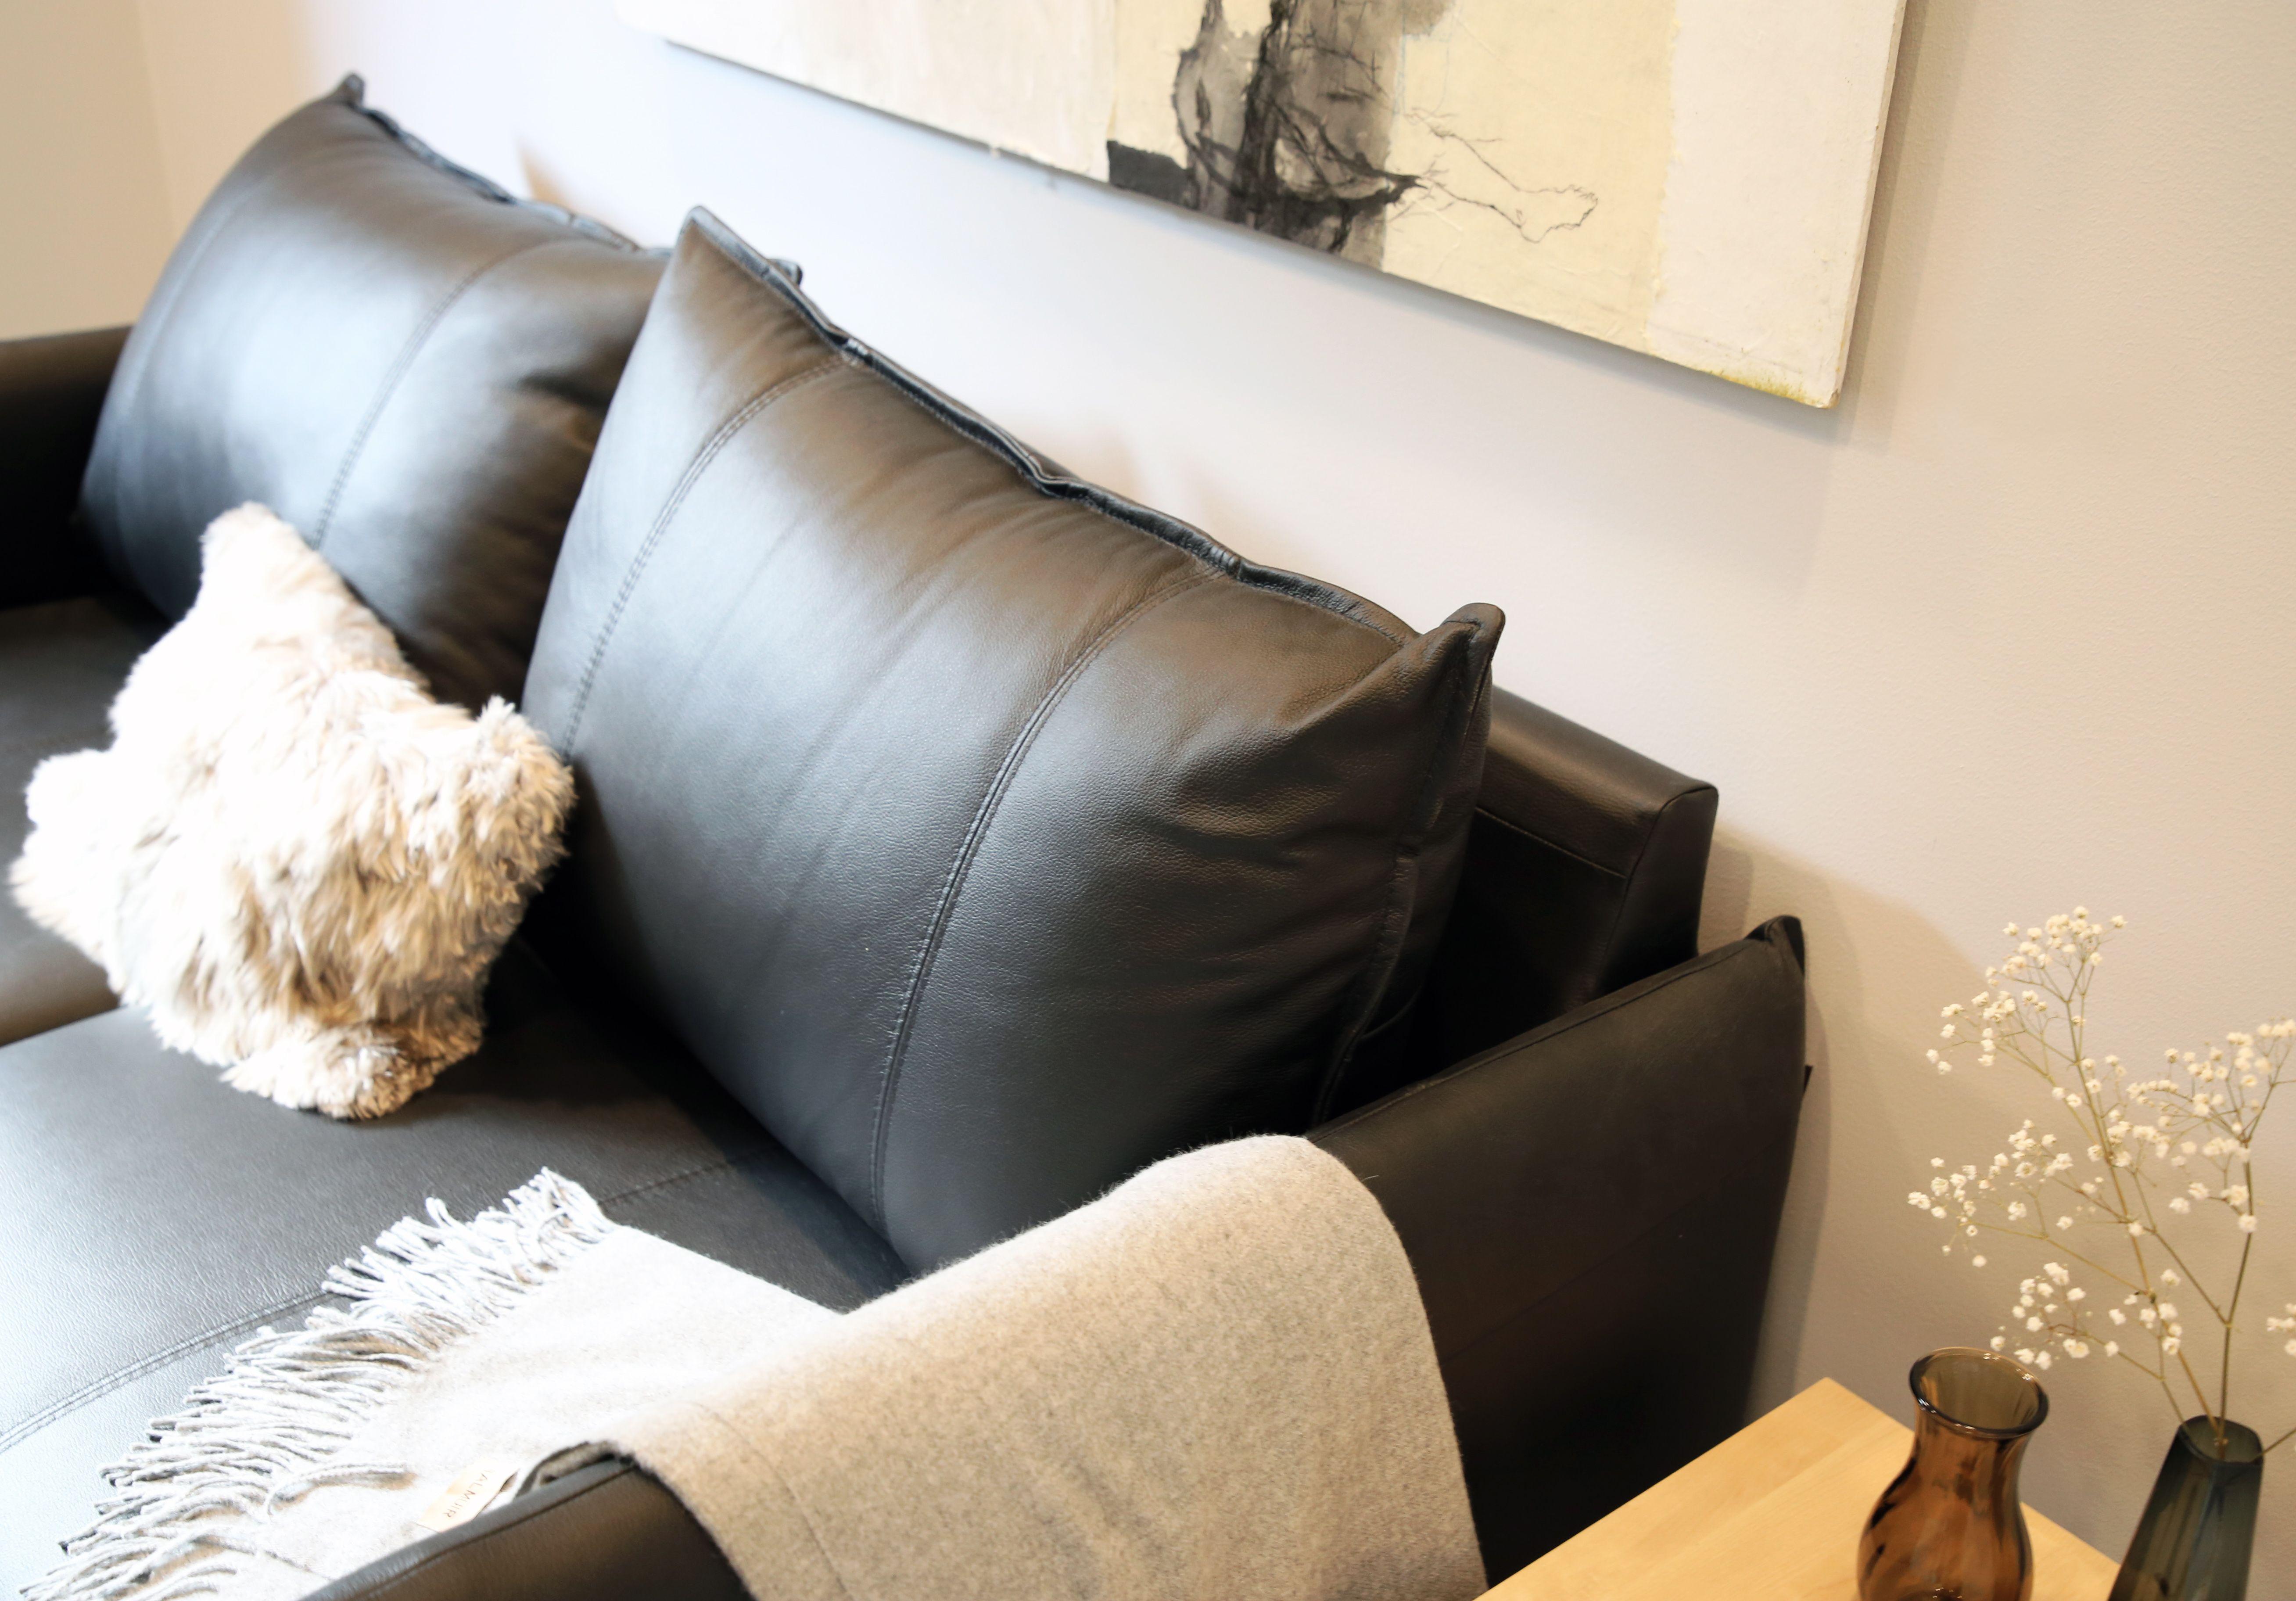 Jos olet tänään liikkeellä Asuntomessuilla, kannattaa käydä ihailemassa Pohjanmaan Chic-sohvaa kohteessa 24 MinunVALO! Chic-sohvat saatavana Iskusta. #pohjanmaan #minunvalo #asuntomessut2017